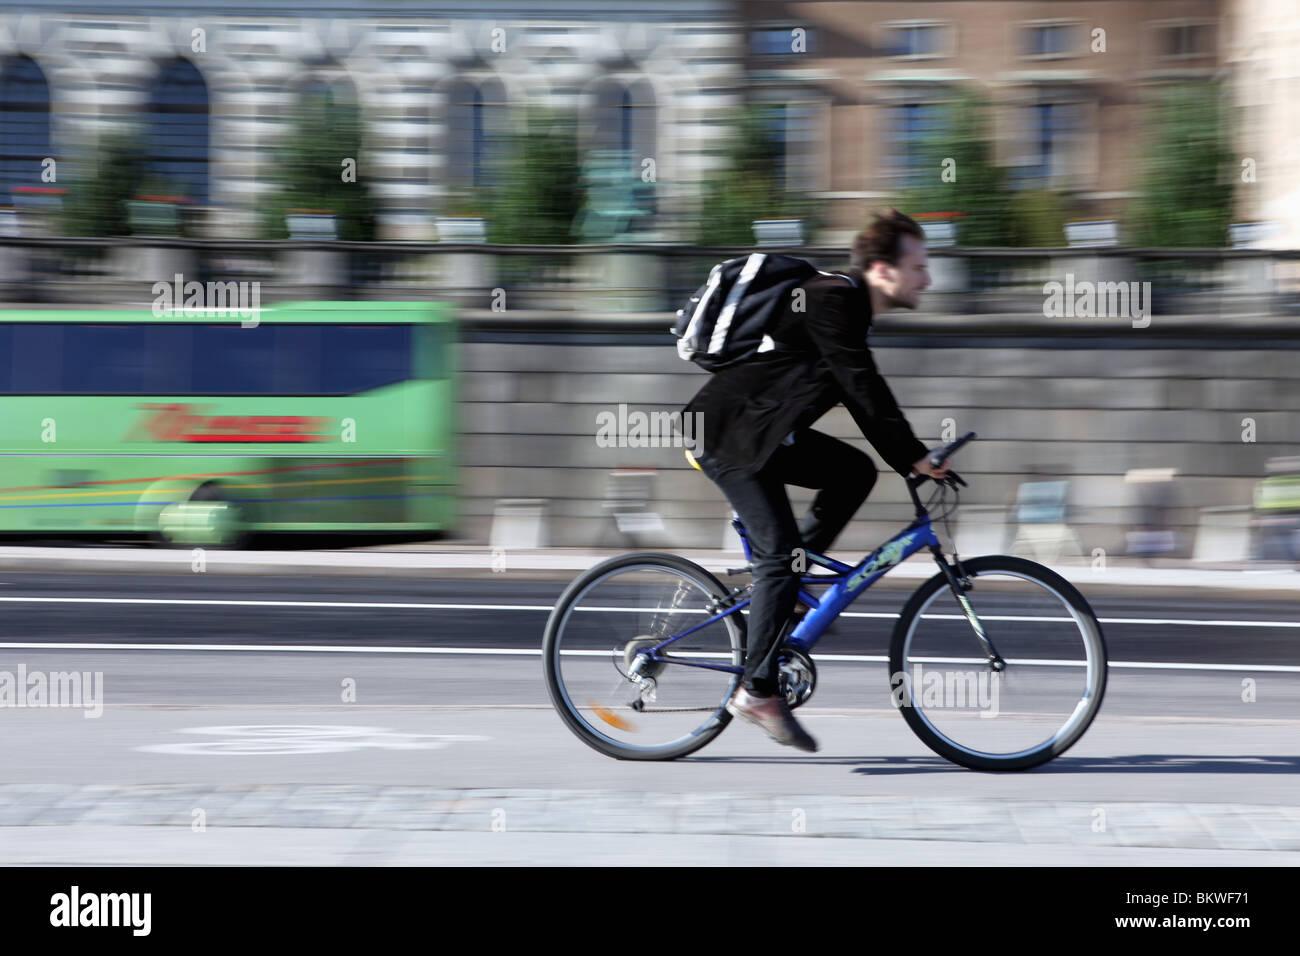 Man biking on cycle lane - Stock Image